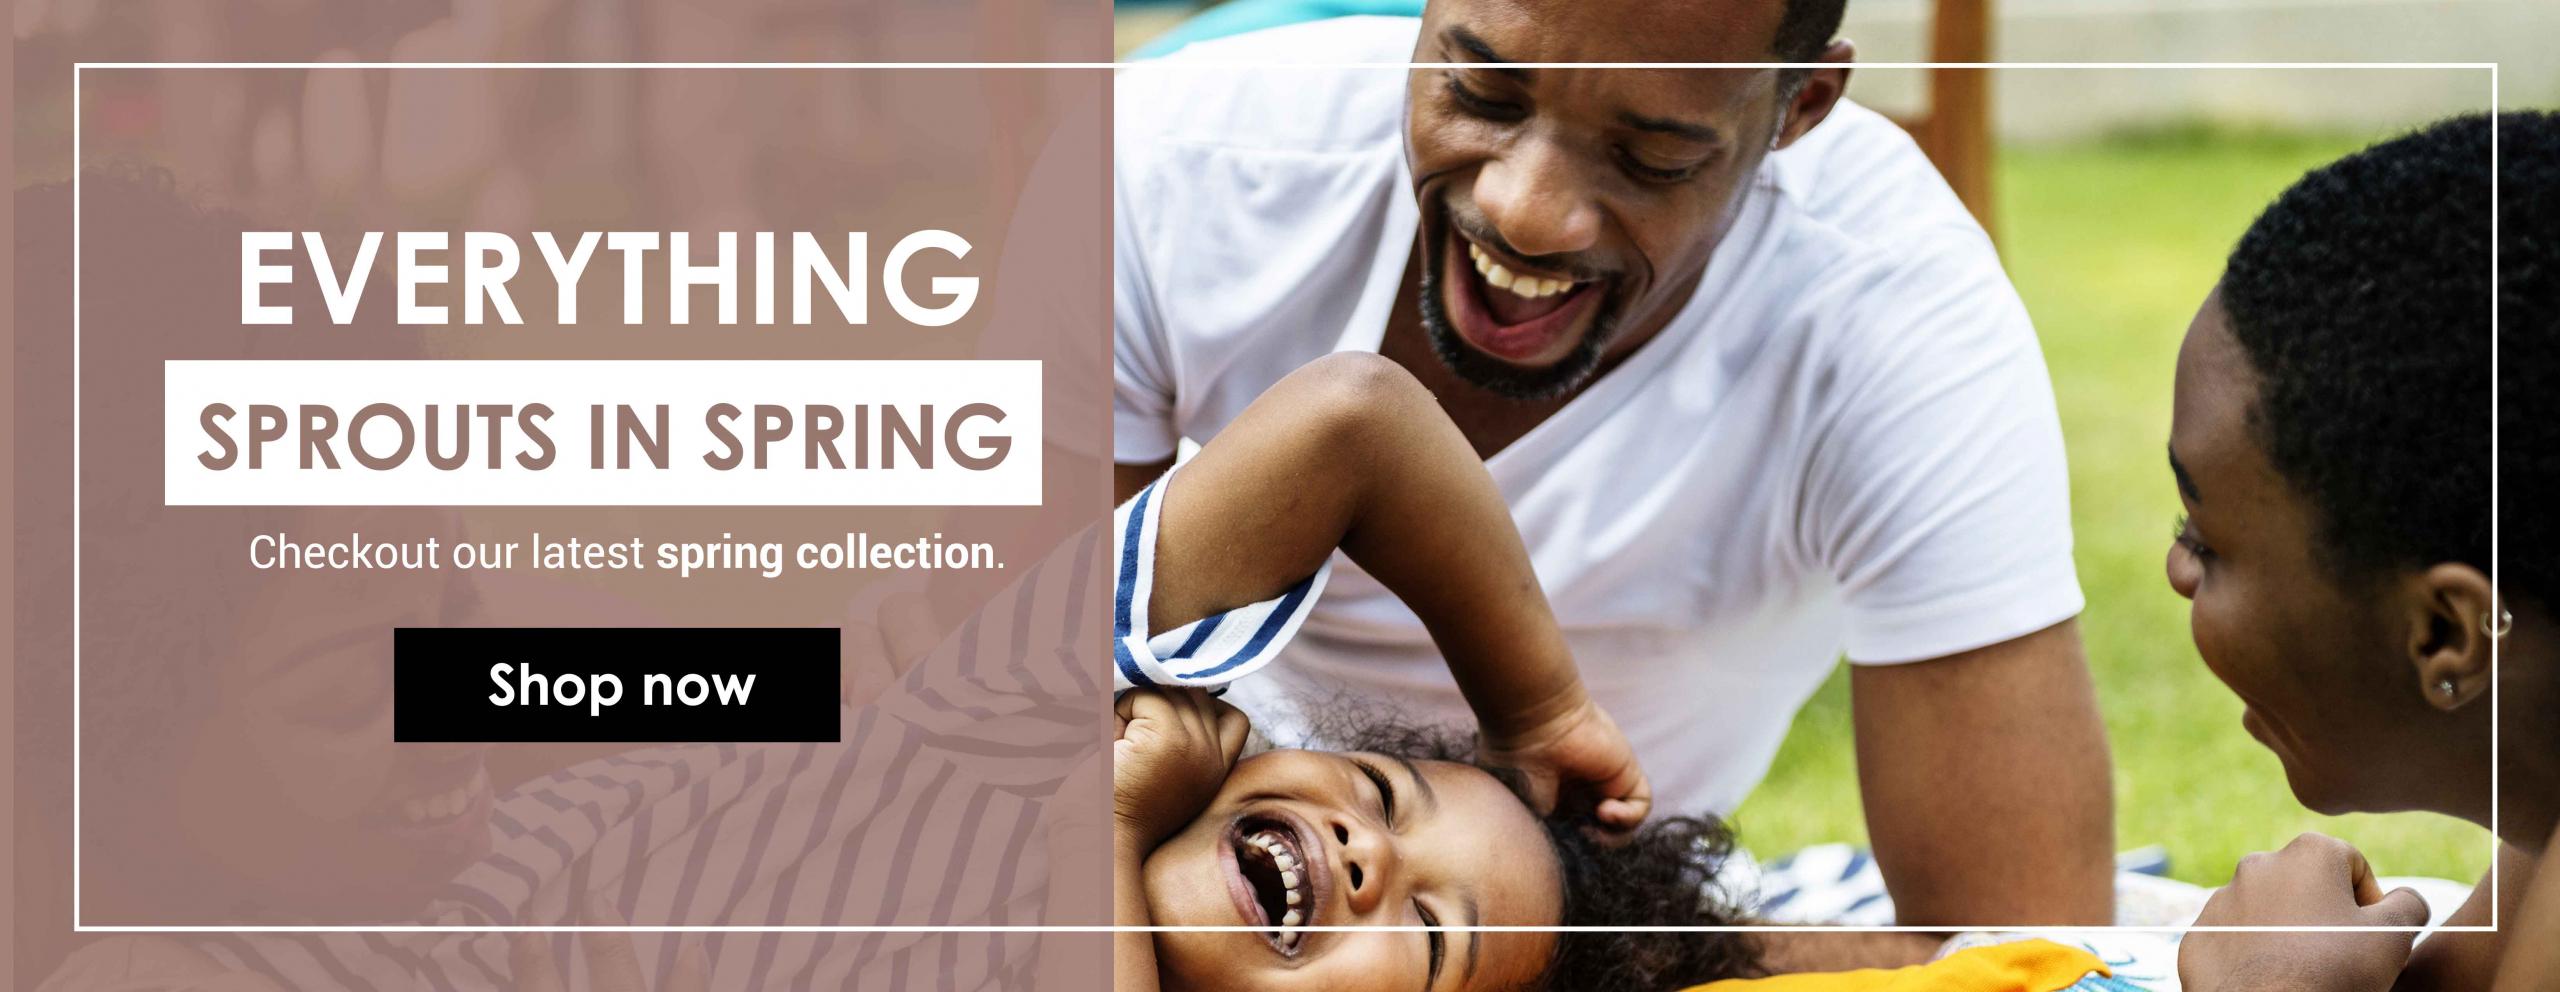 Spring family website barnner